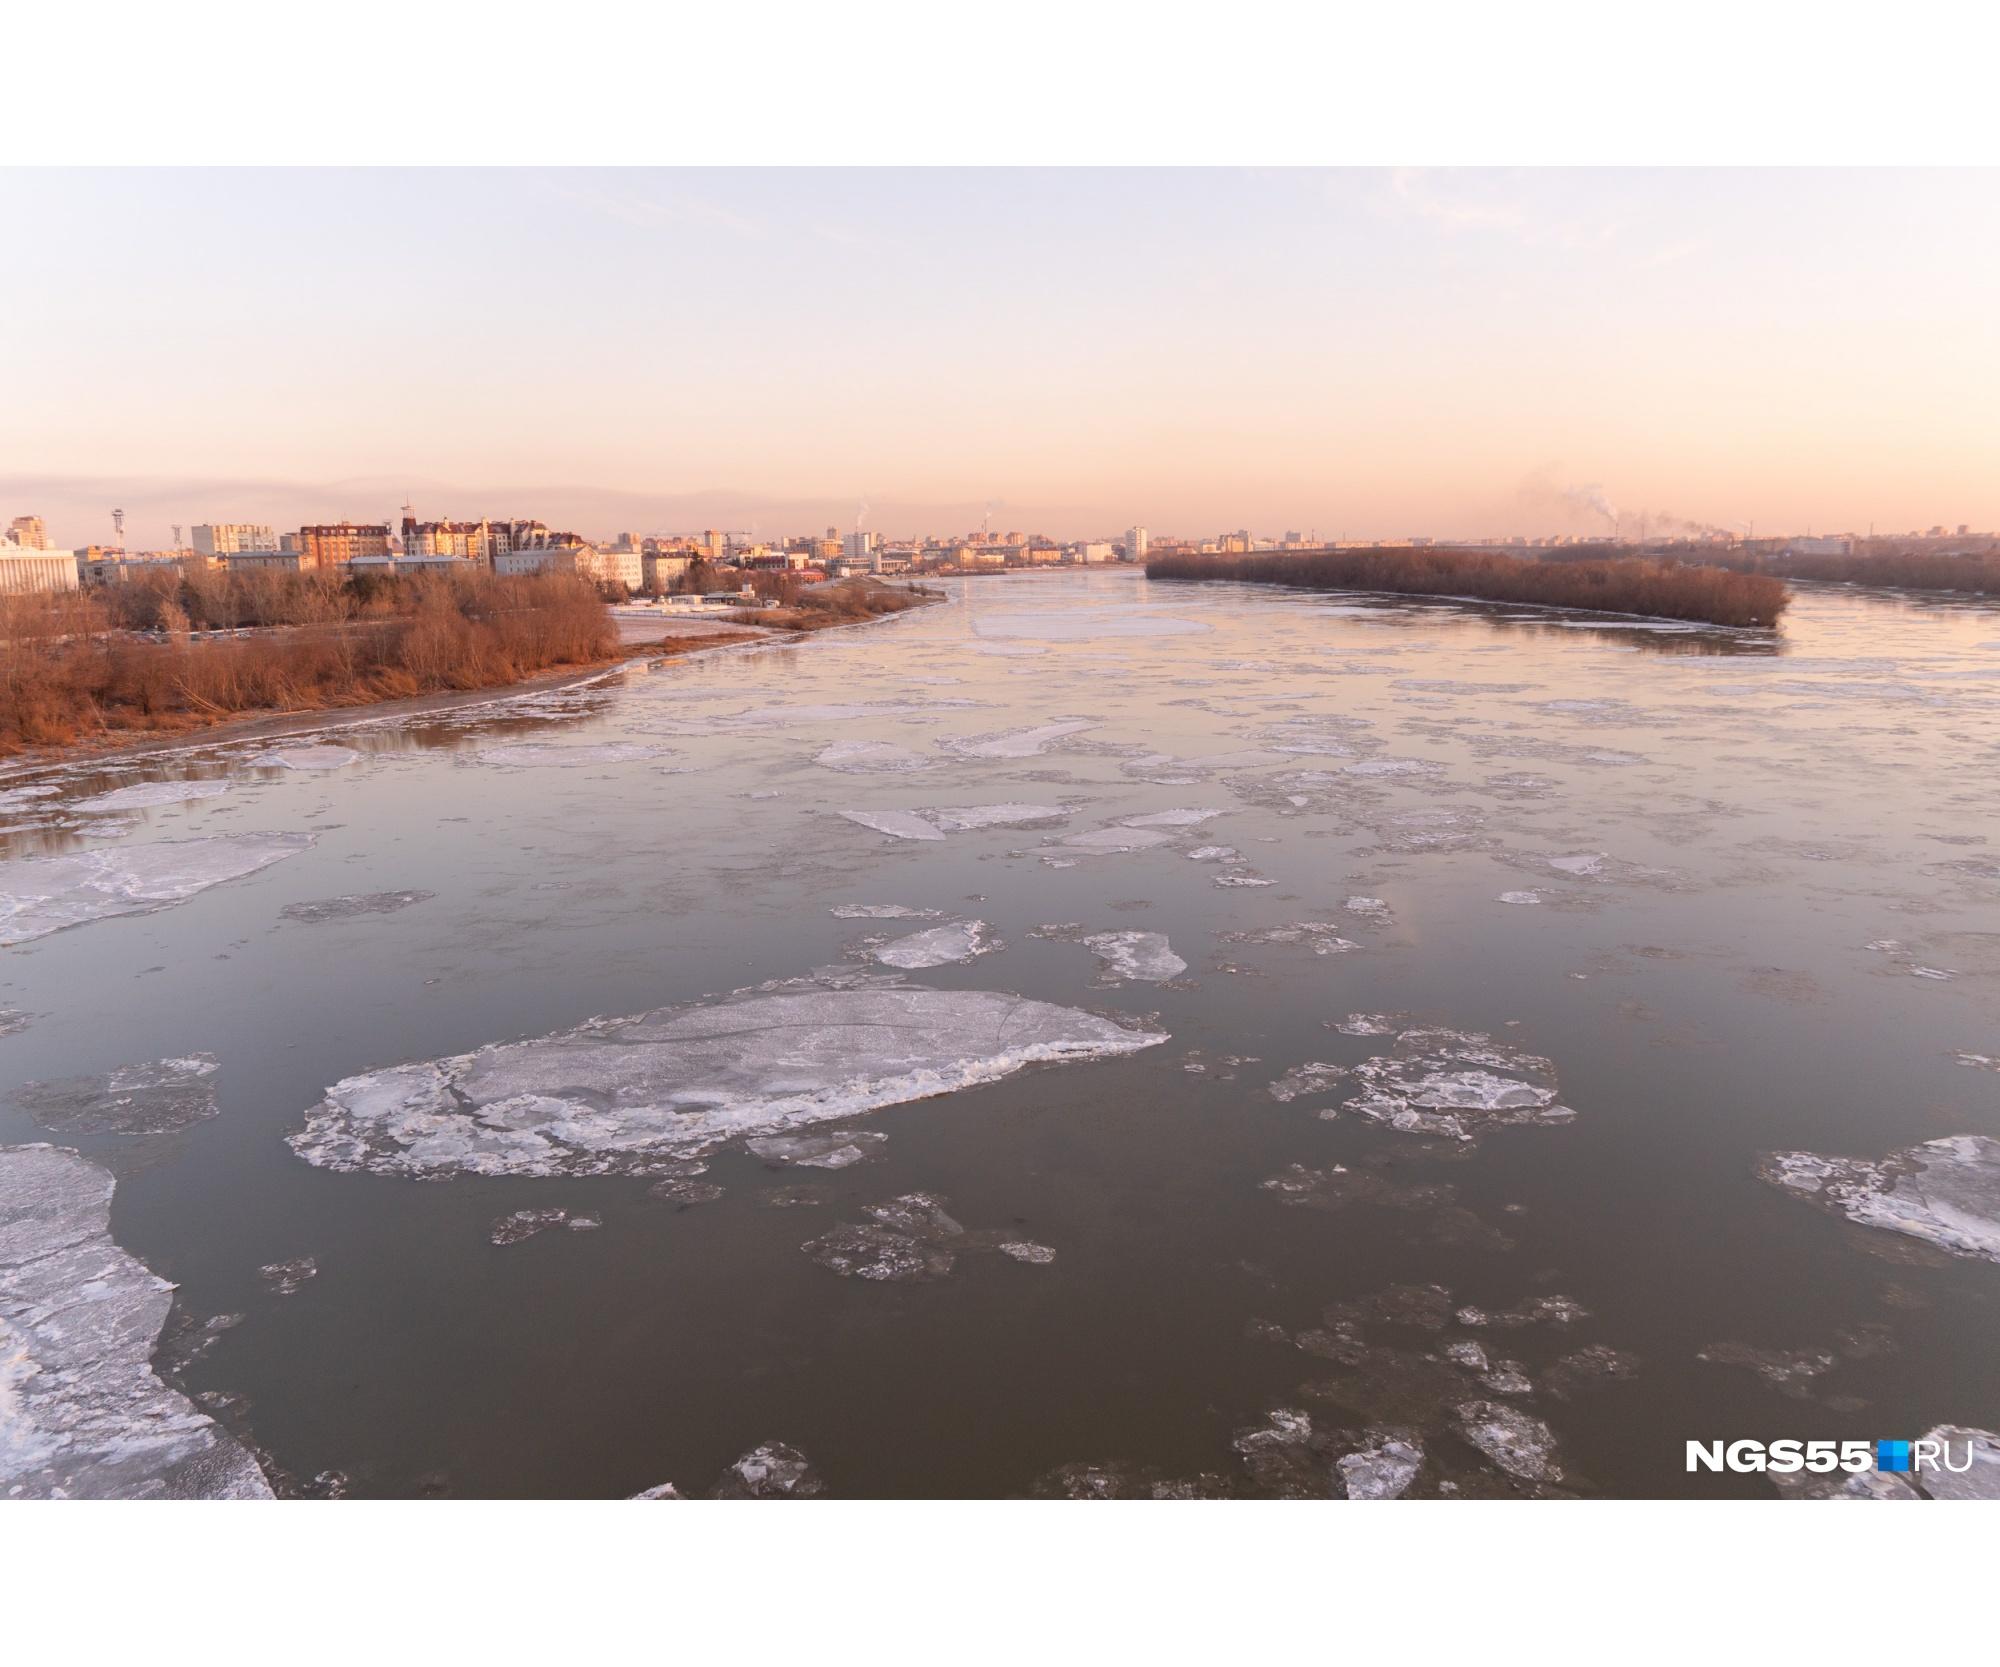 Совсем скоро лёд скуёт реку и по ней можно будет ходить